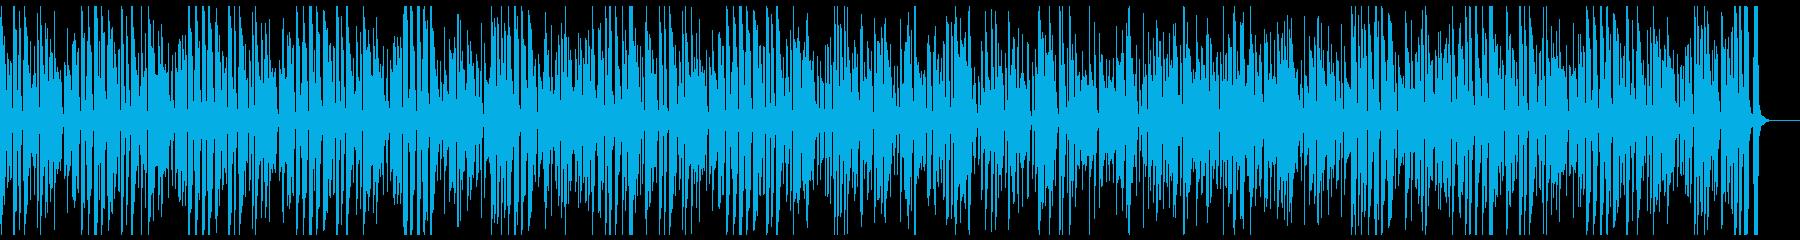 爽やかキャッチー 明るいジャズポップの再生済みの波形